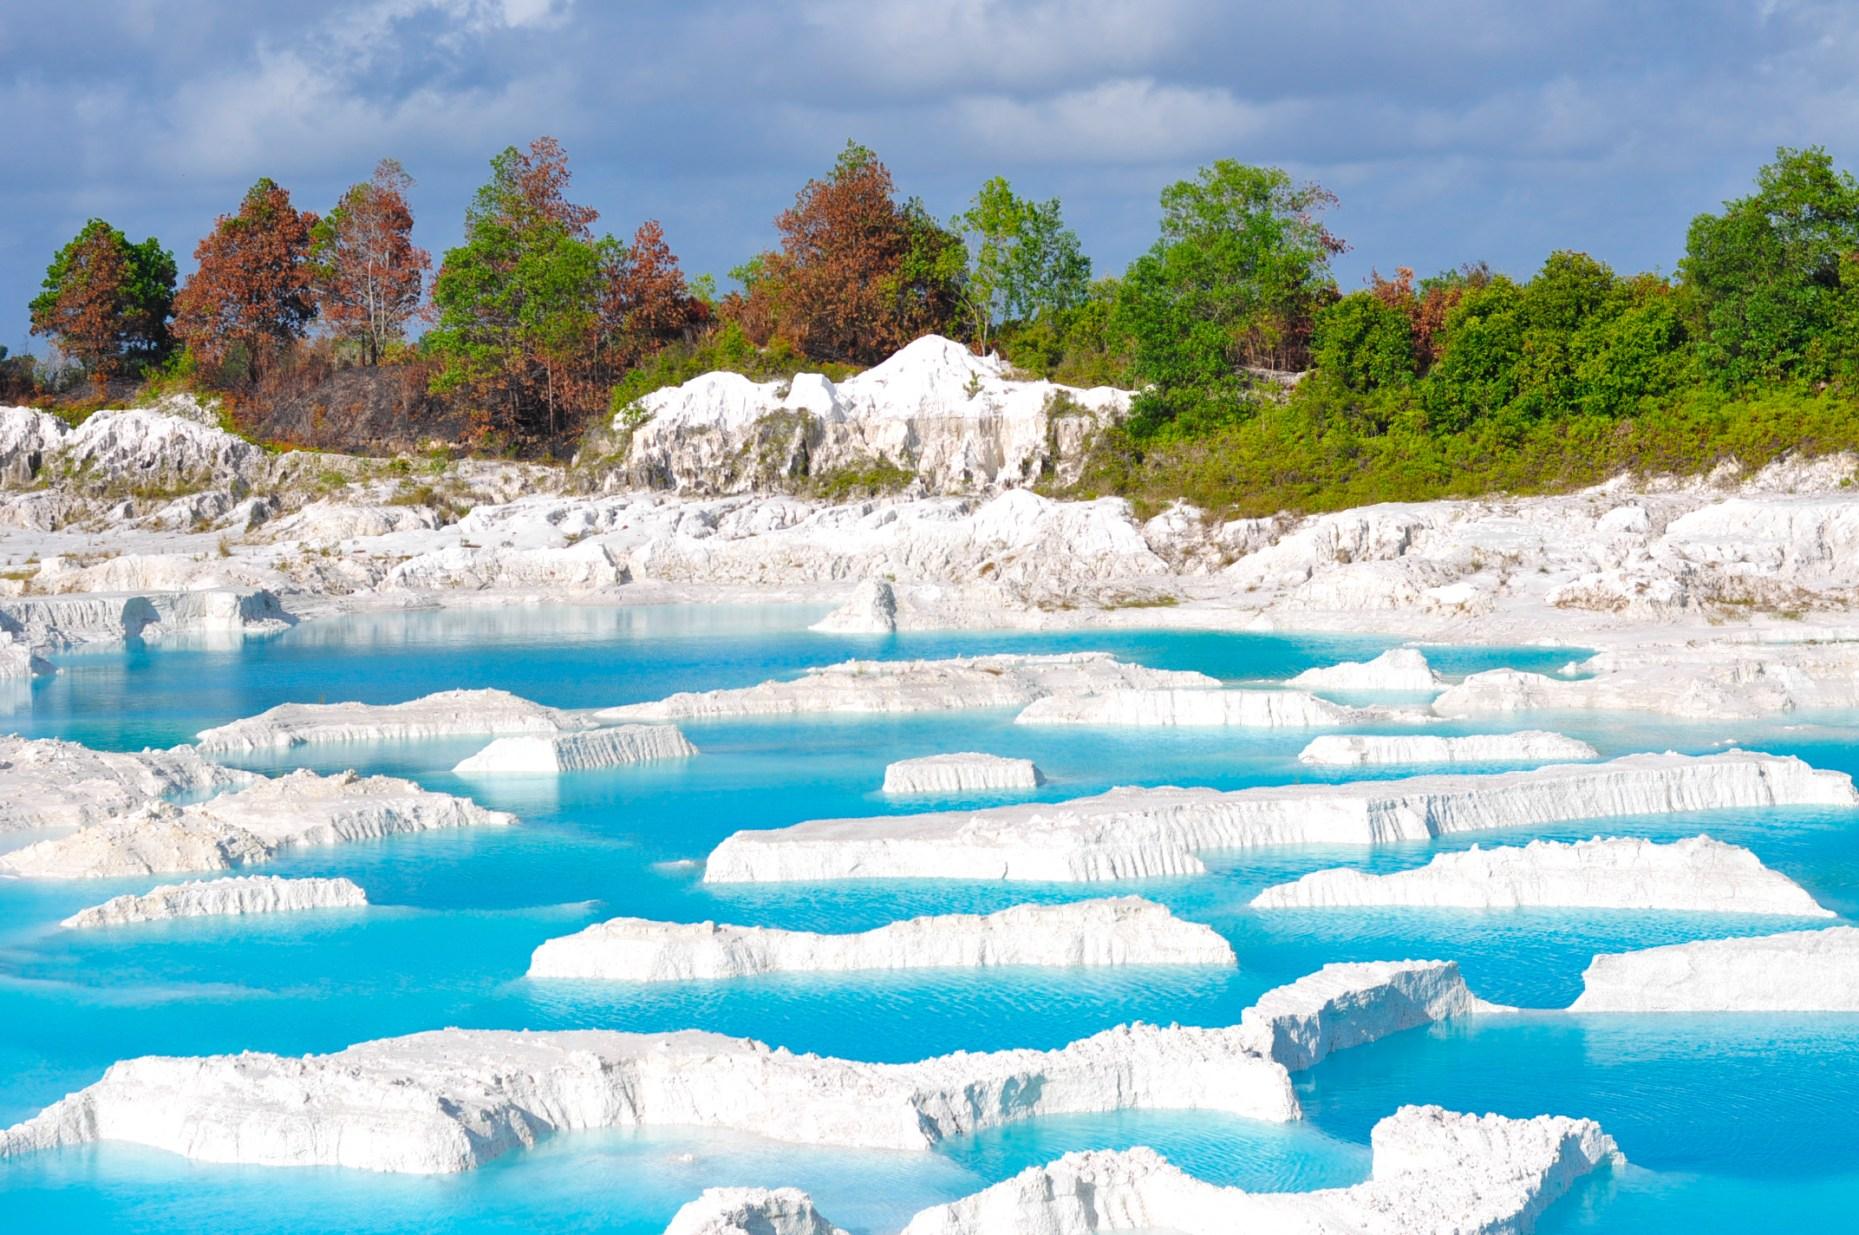 tempat wisata di belitung - YOEXPLORE, Liburan Keluarga